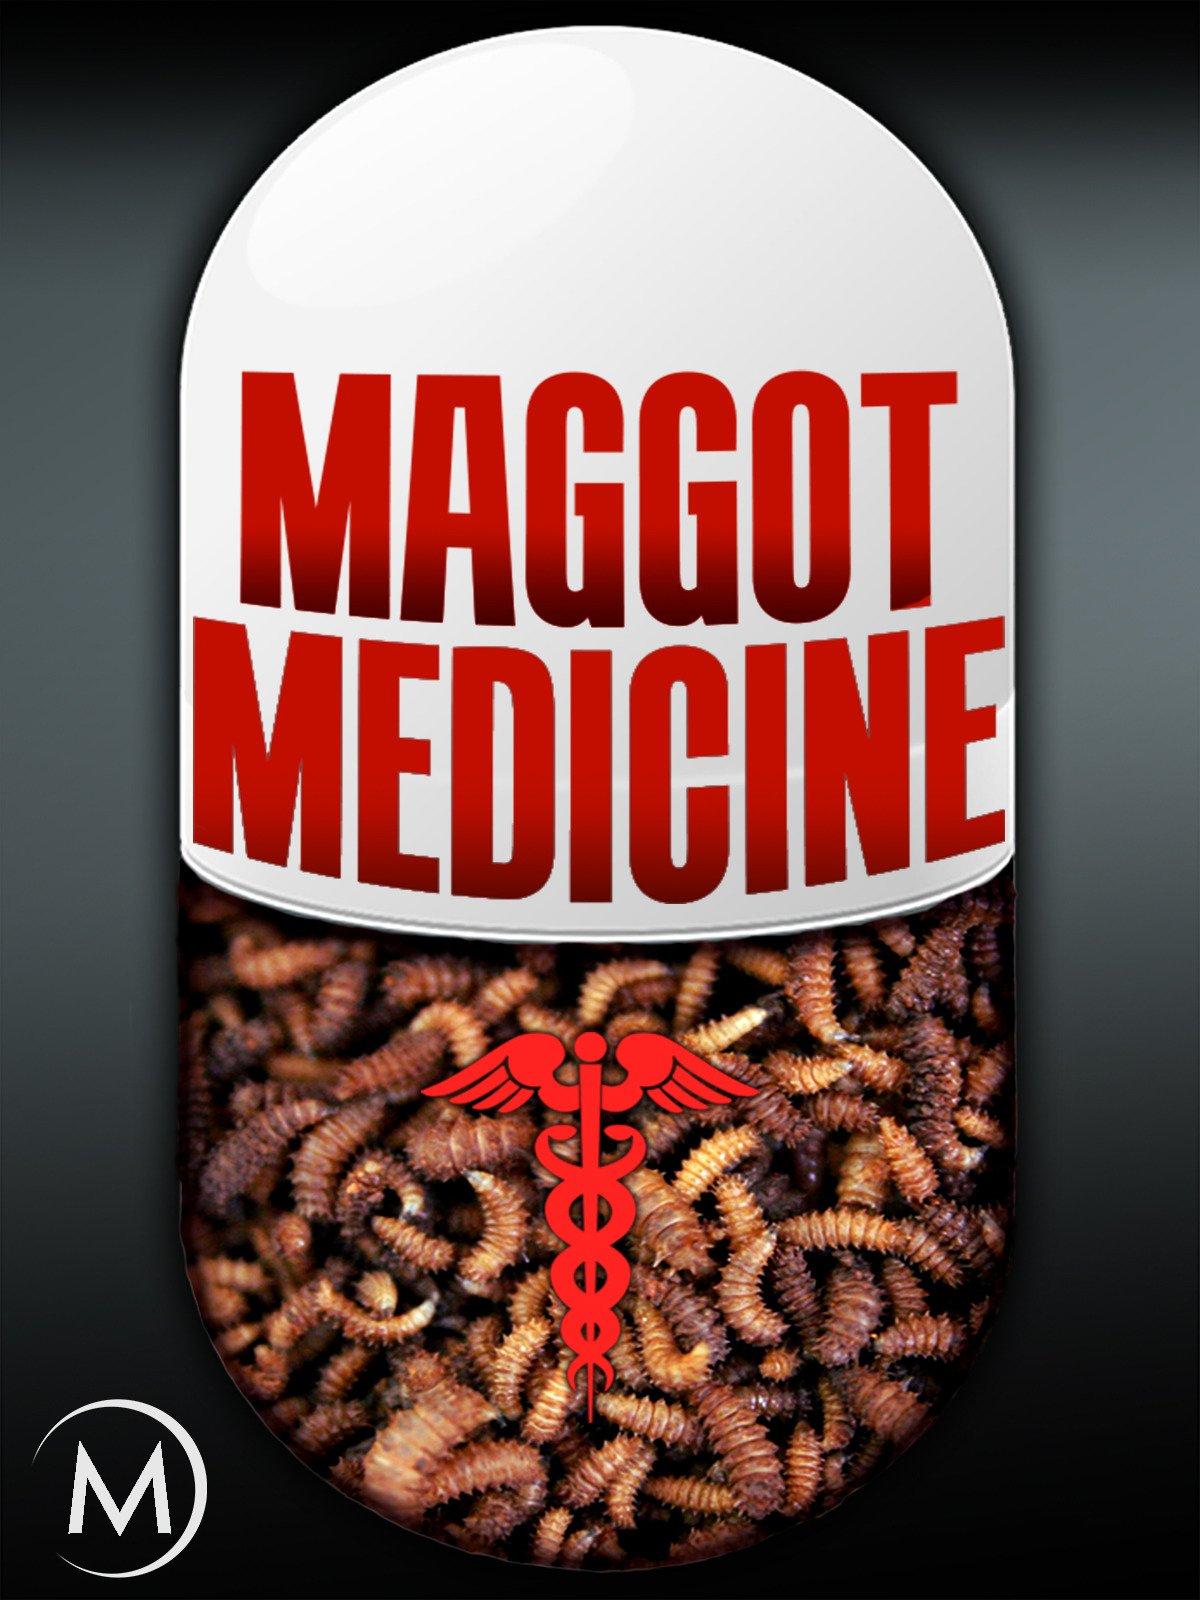 Maggot Medicine